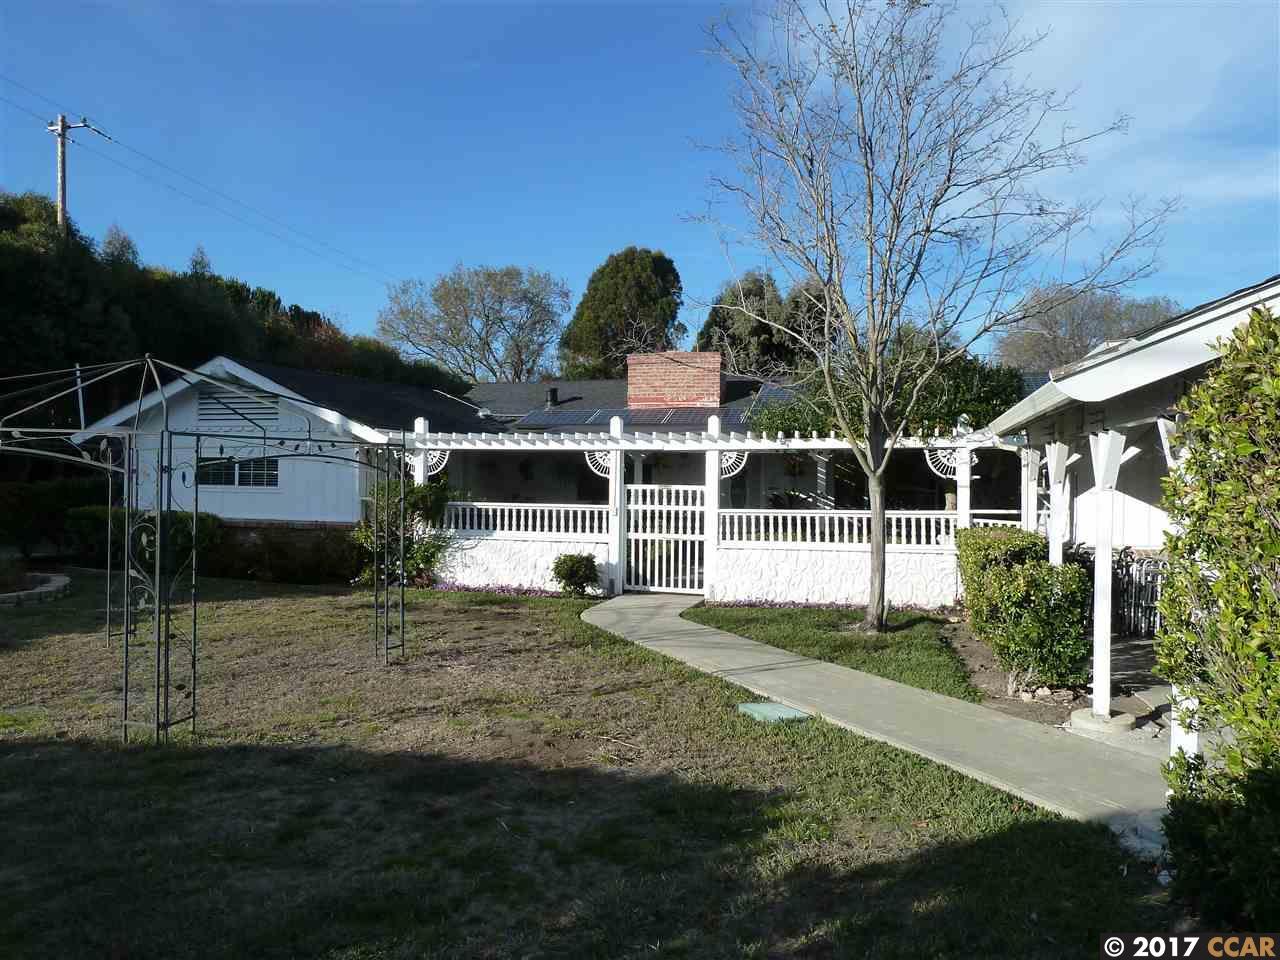 Single Family Home for Sale at 1832 Sunnyvale Avenue 1832 Sunnyvale Avenue Walnut Creek, California 94597 United States